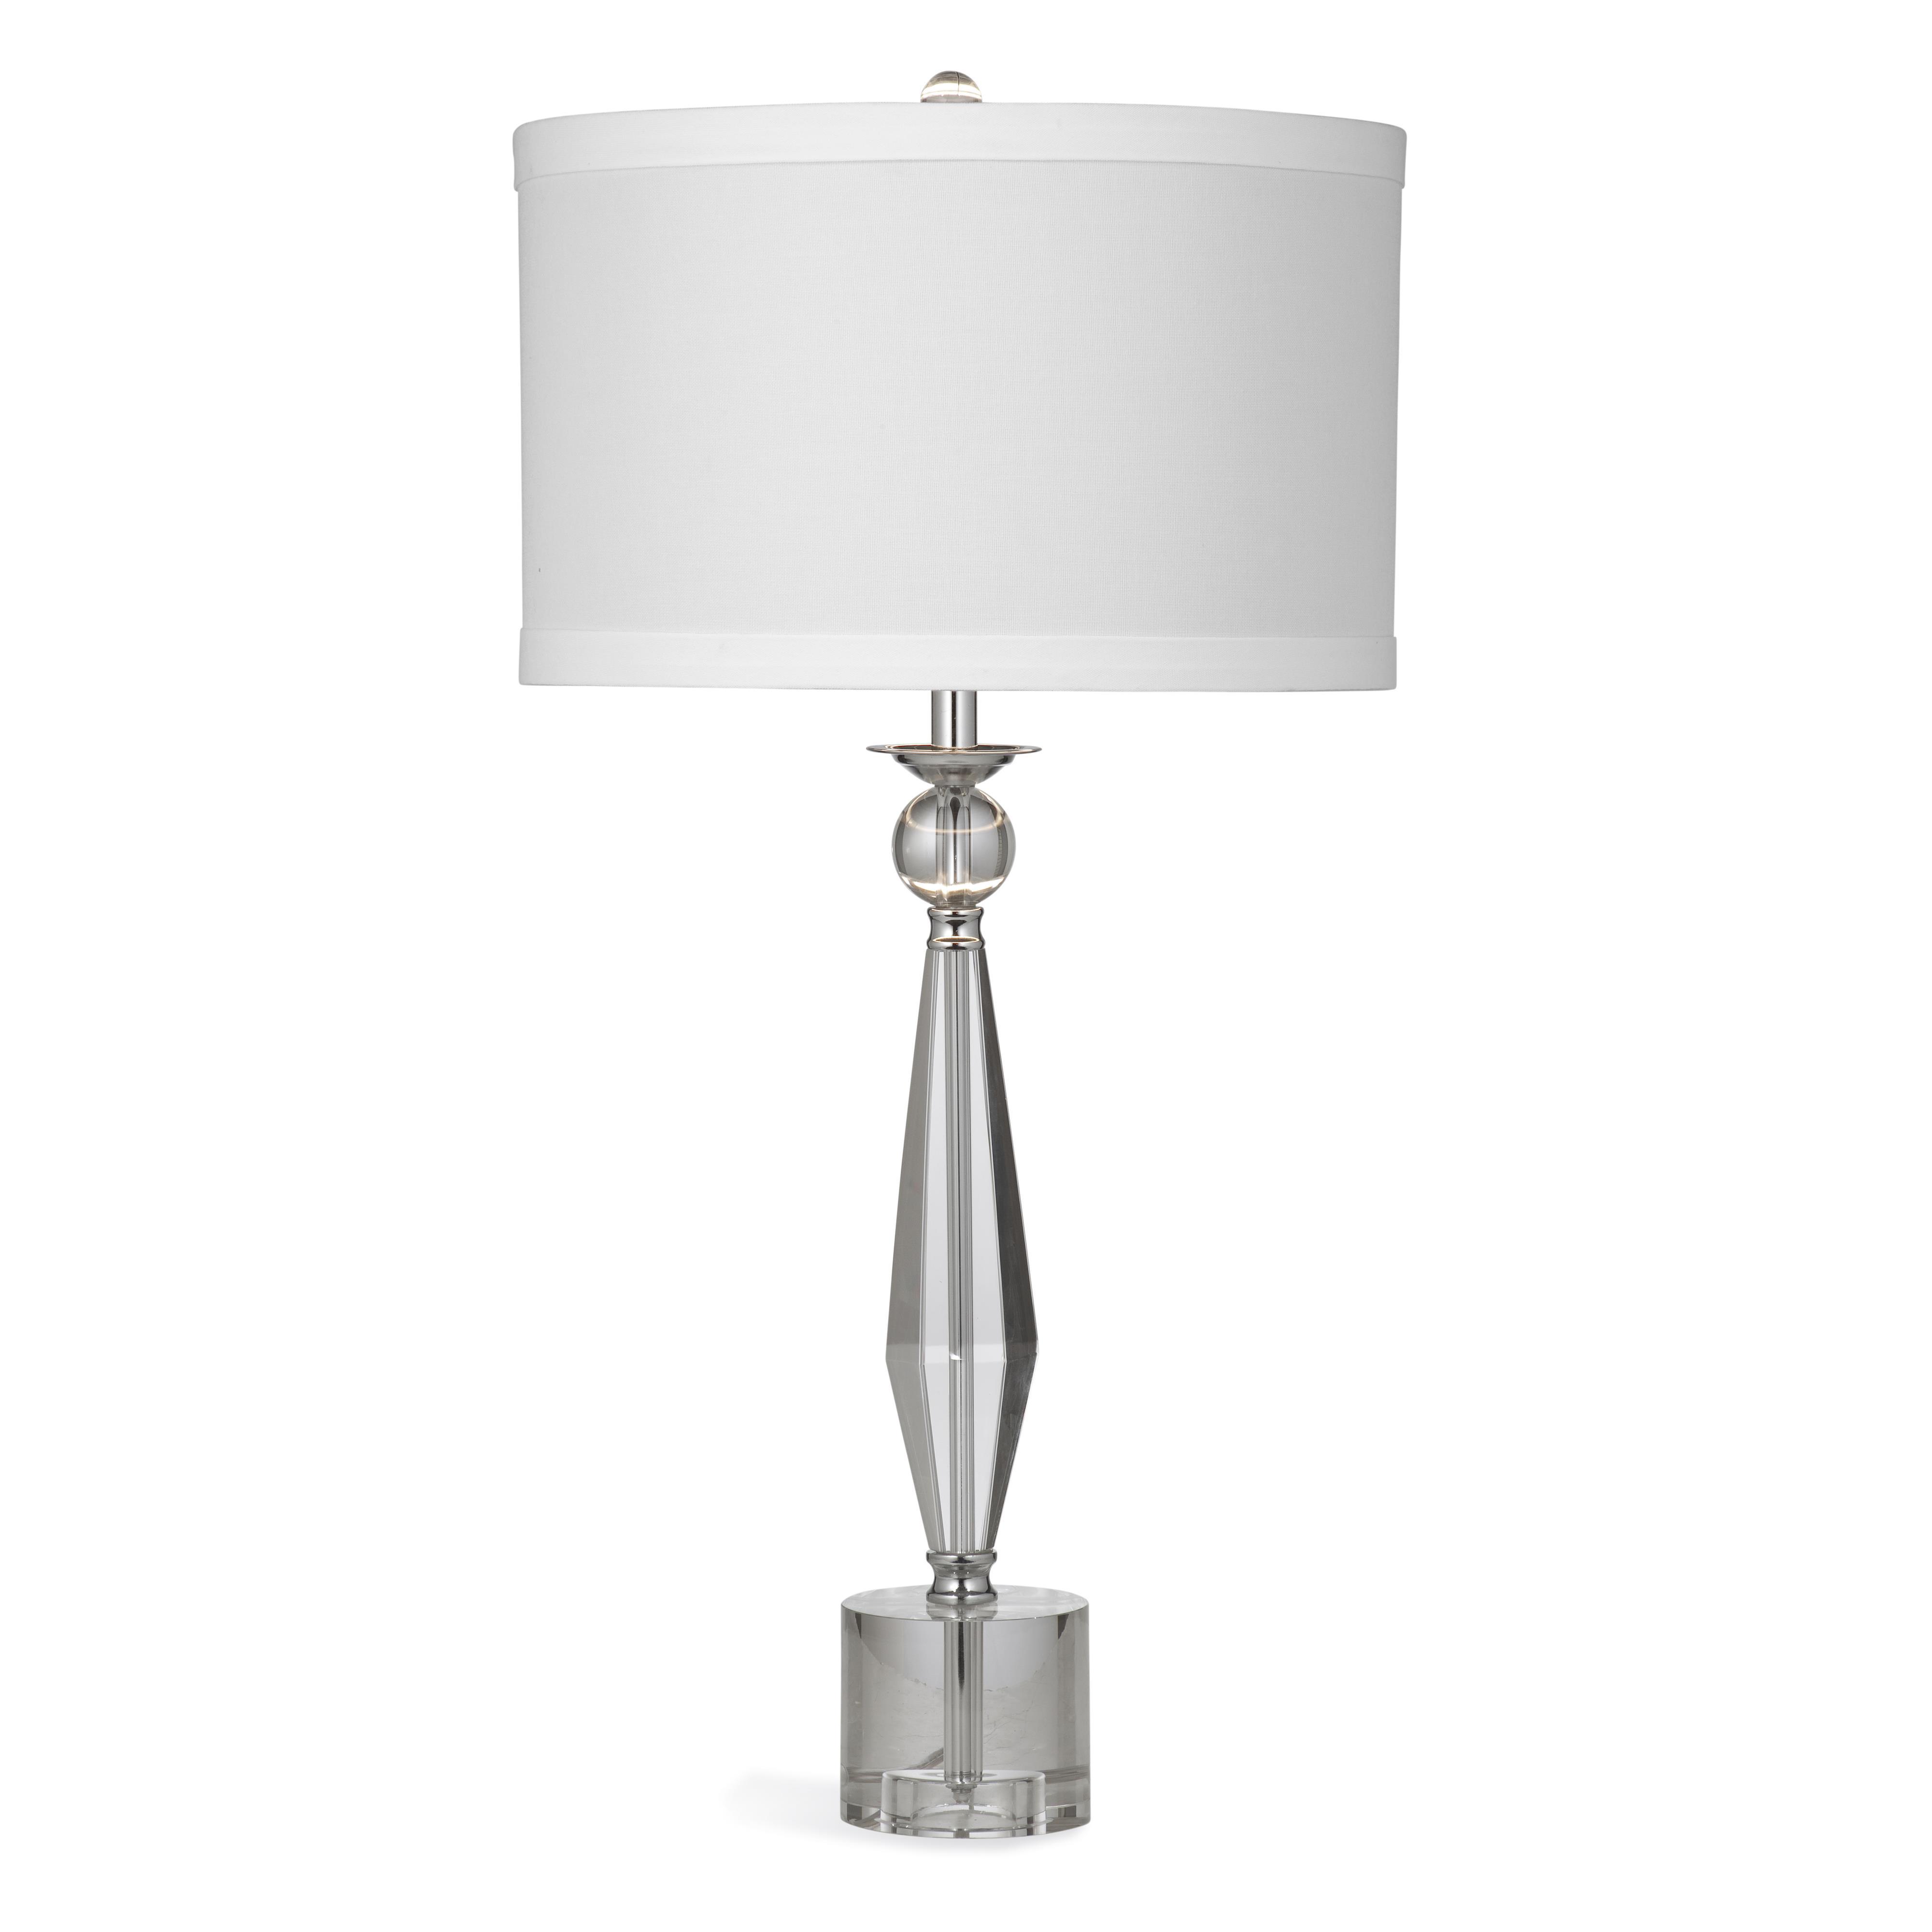 Lexie Table Lamp